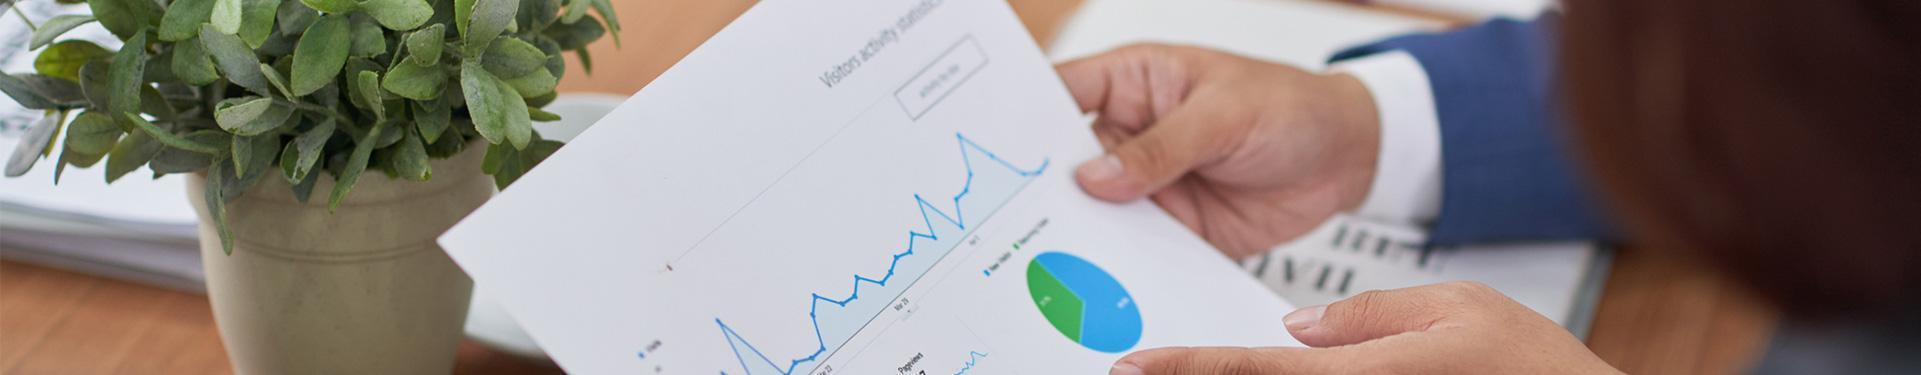 Mężczyzna z kartką papieru ze statystykami w ręku